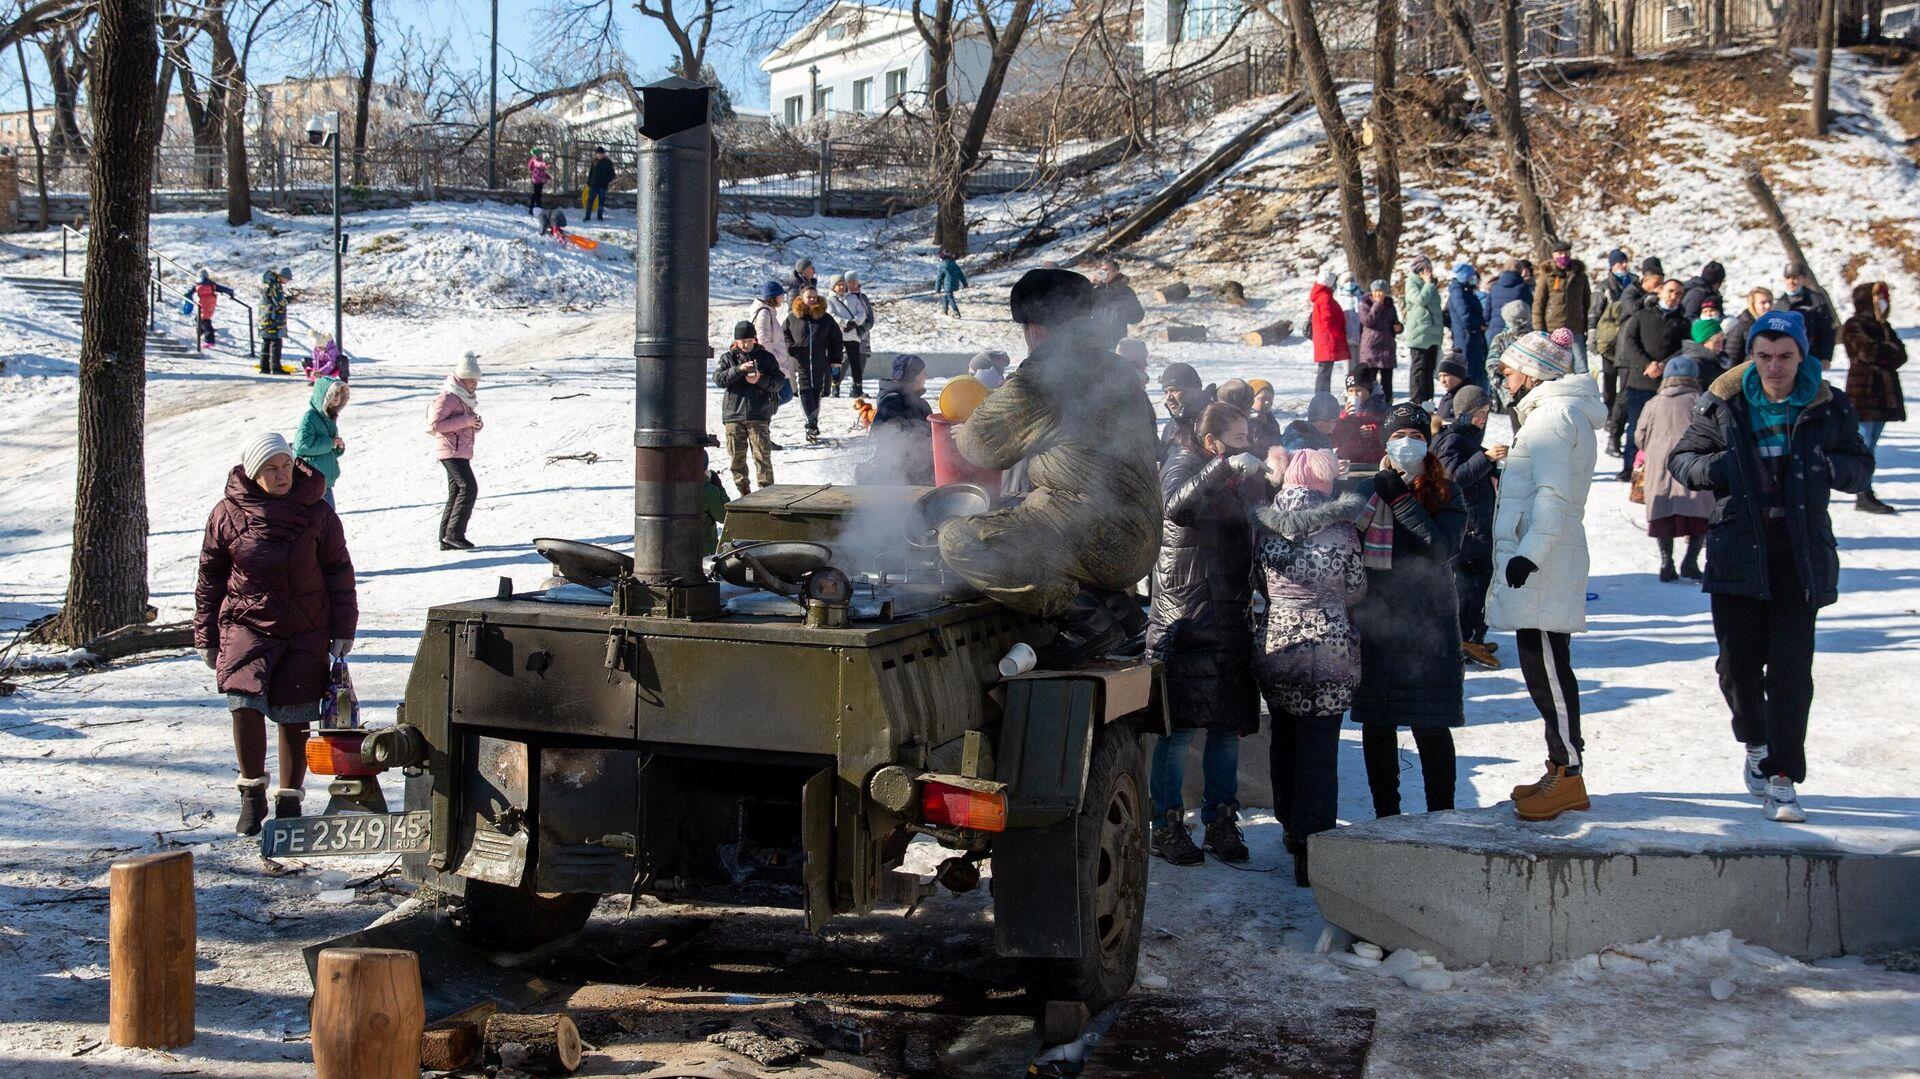 Местные жители стоят в очереди возле полевой кухни во Владивостоке - РИА Новости, 1920, 26.11.2020